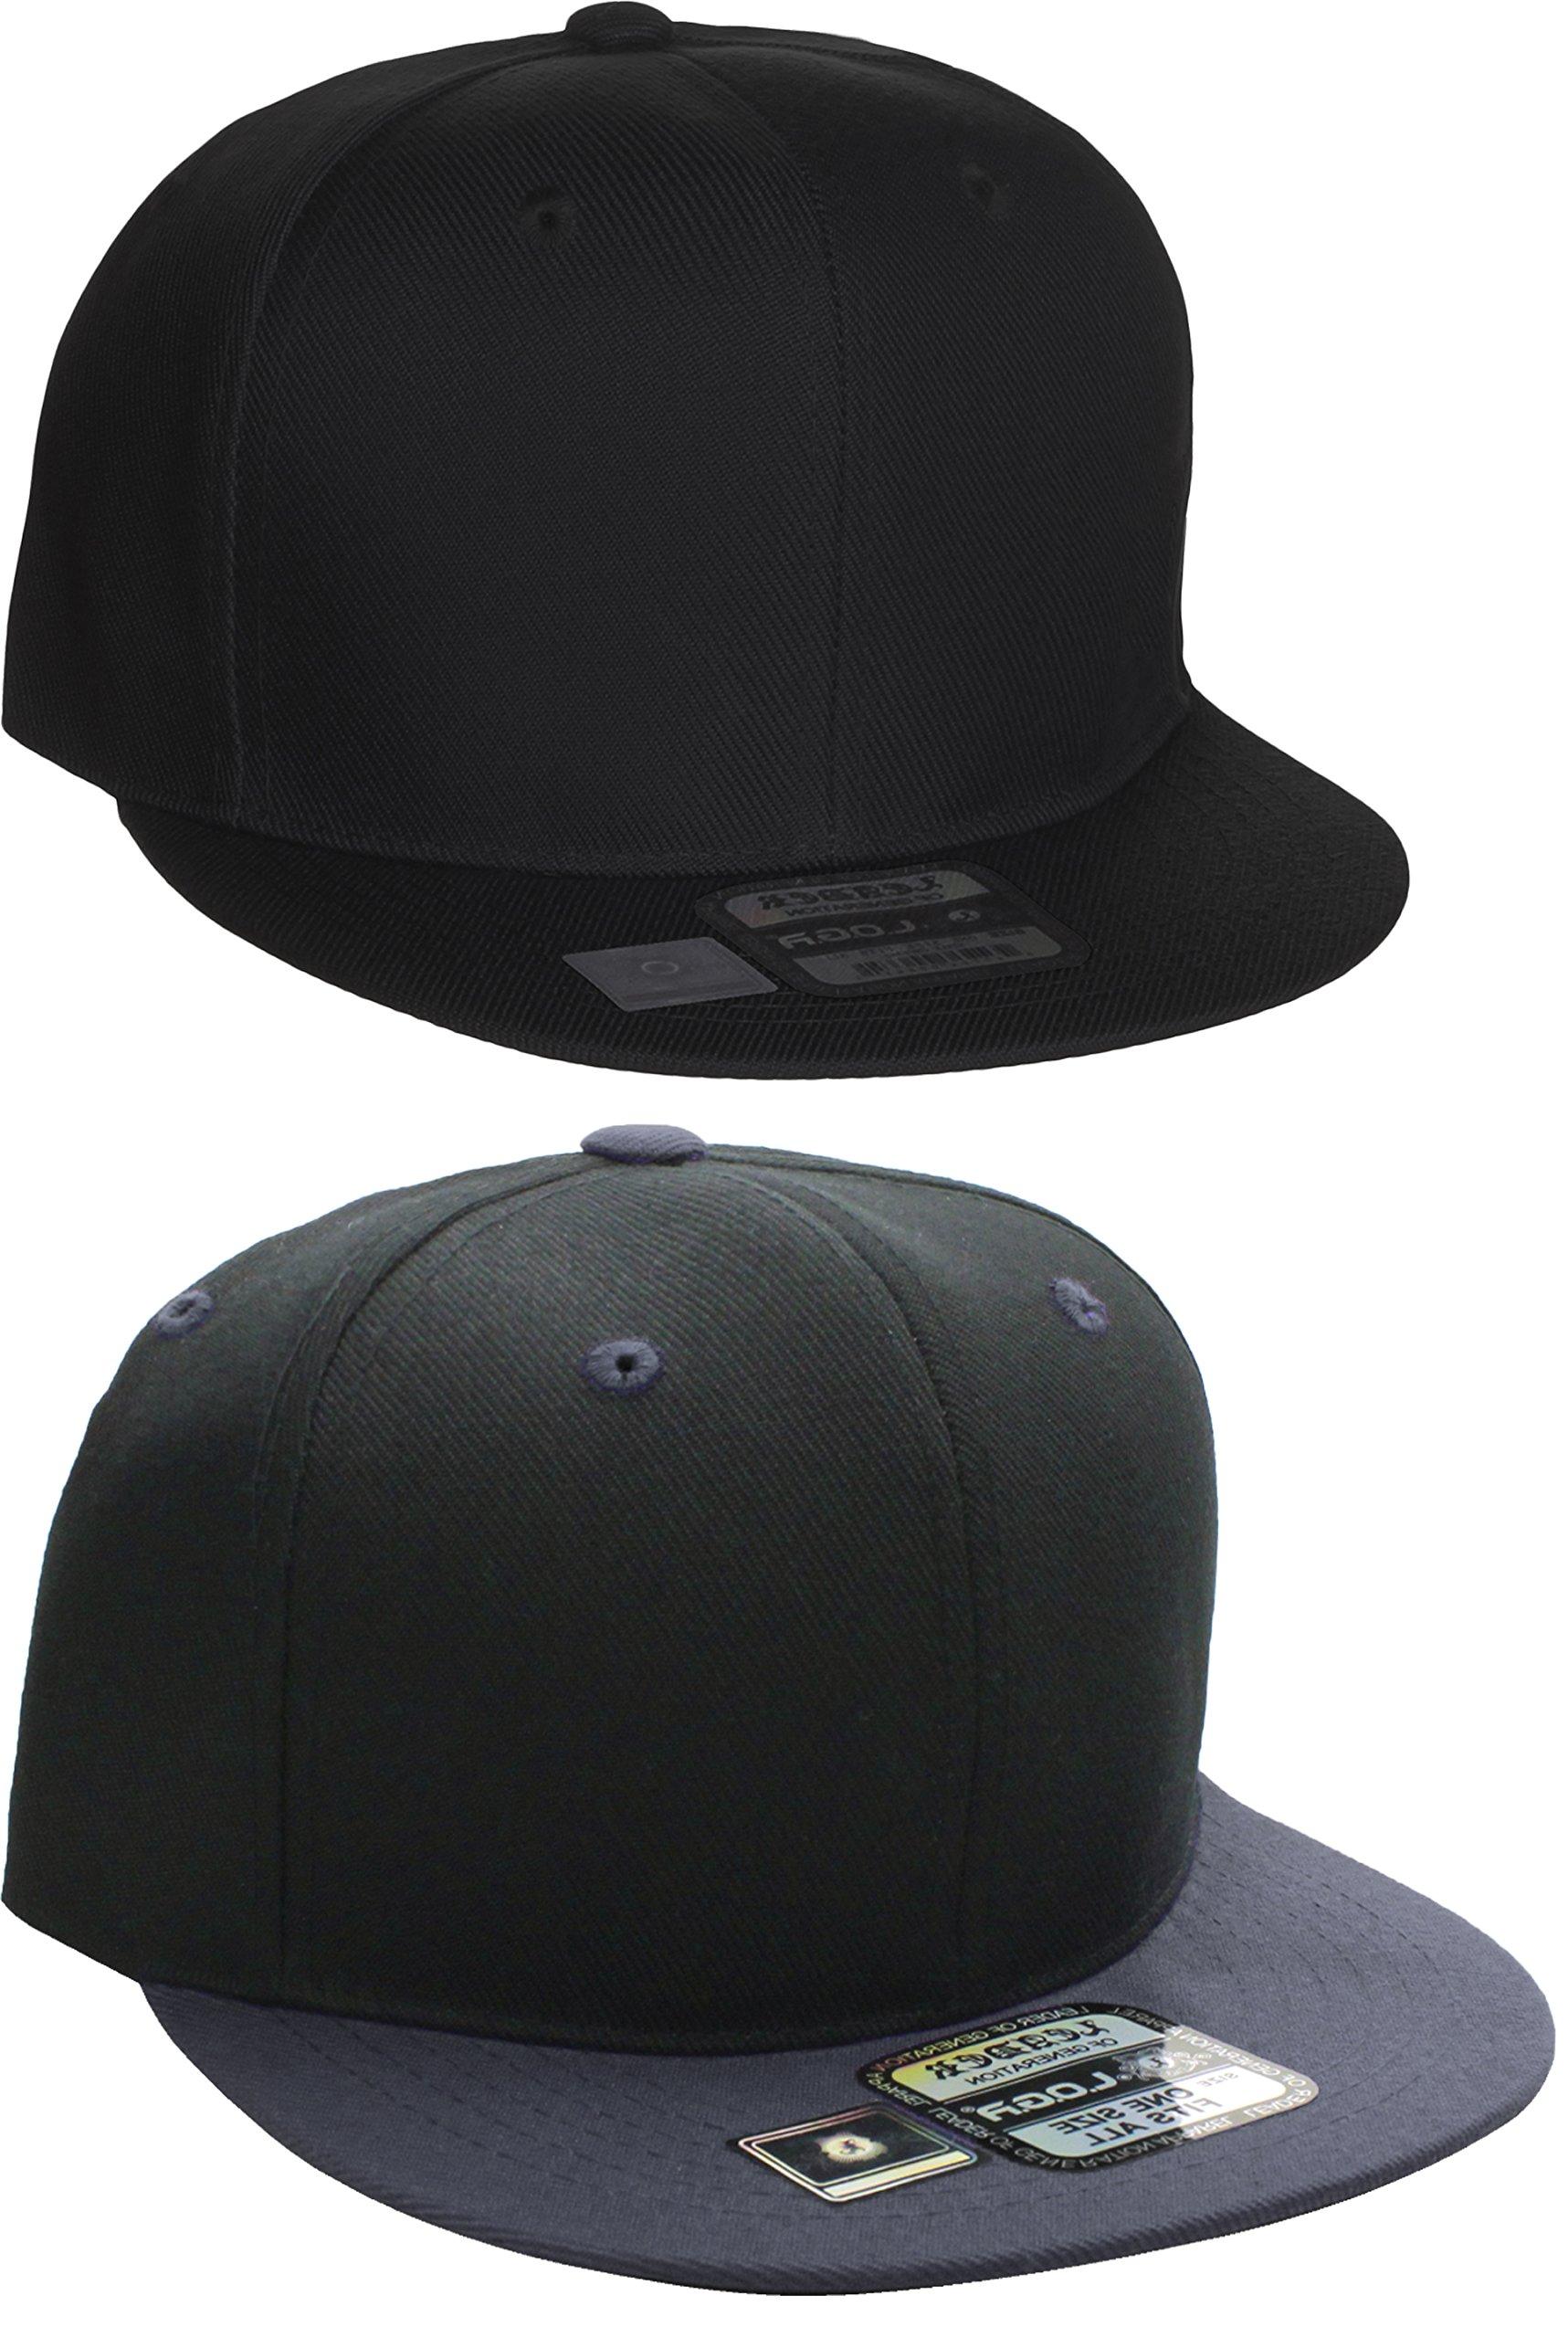 b369194522e52 Get Quotations · L.O.G.A. Plain Adjustable Snapback Hats Caps Flat Bill  Visor